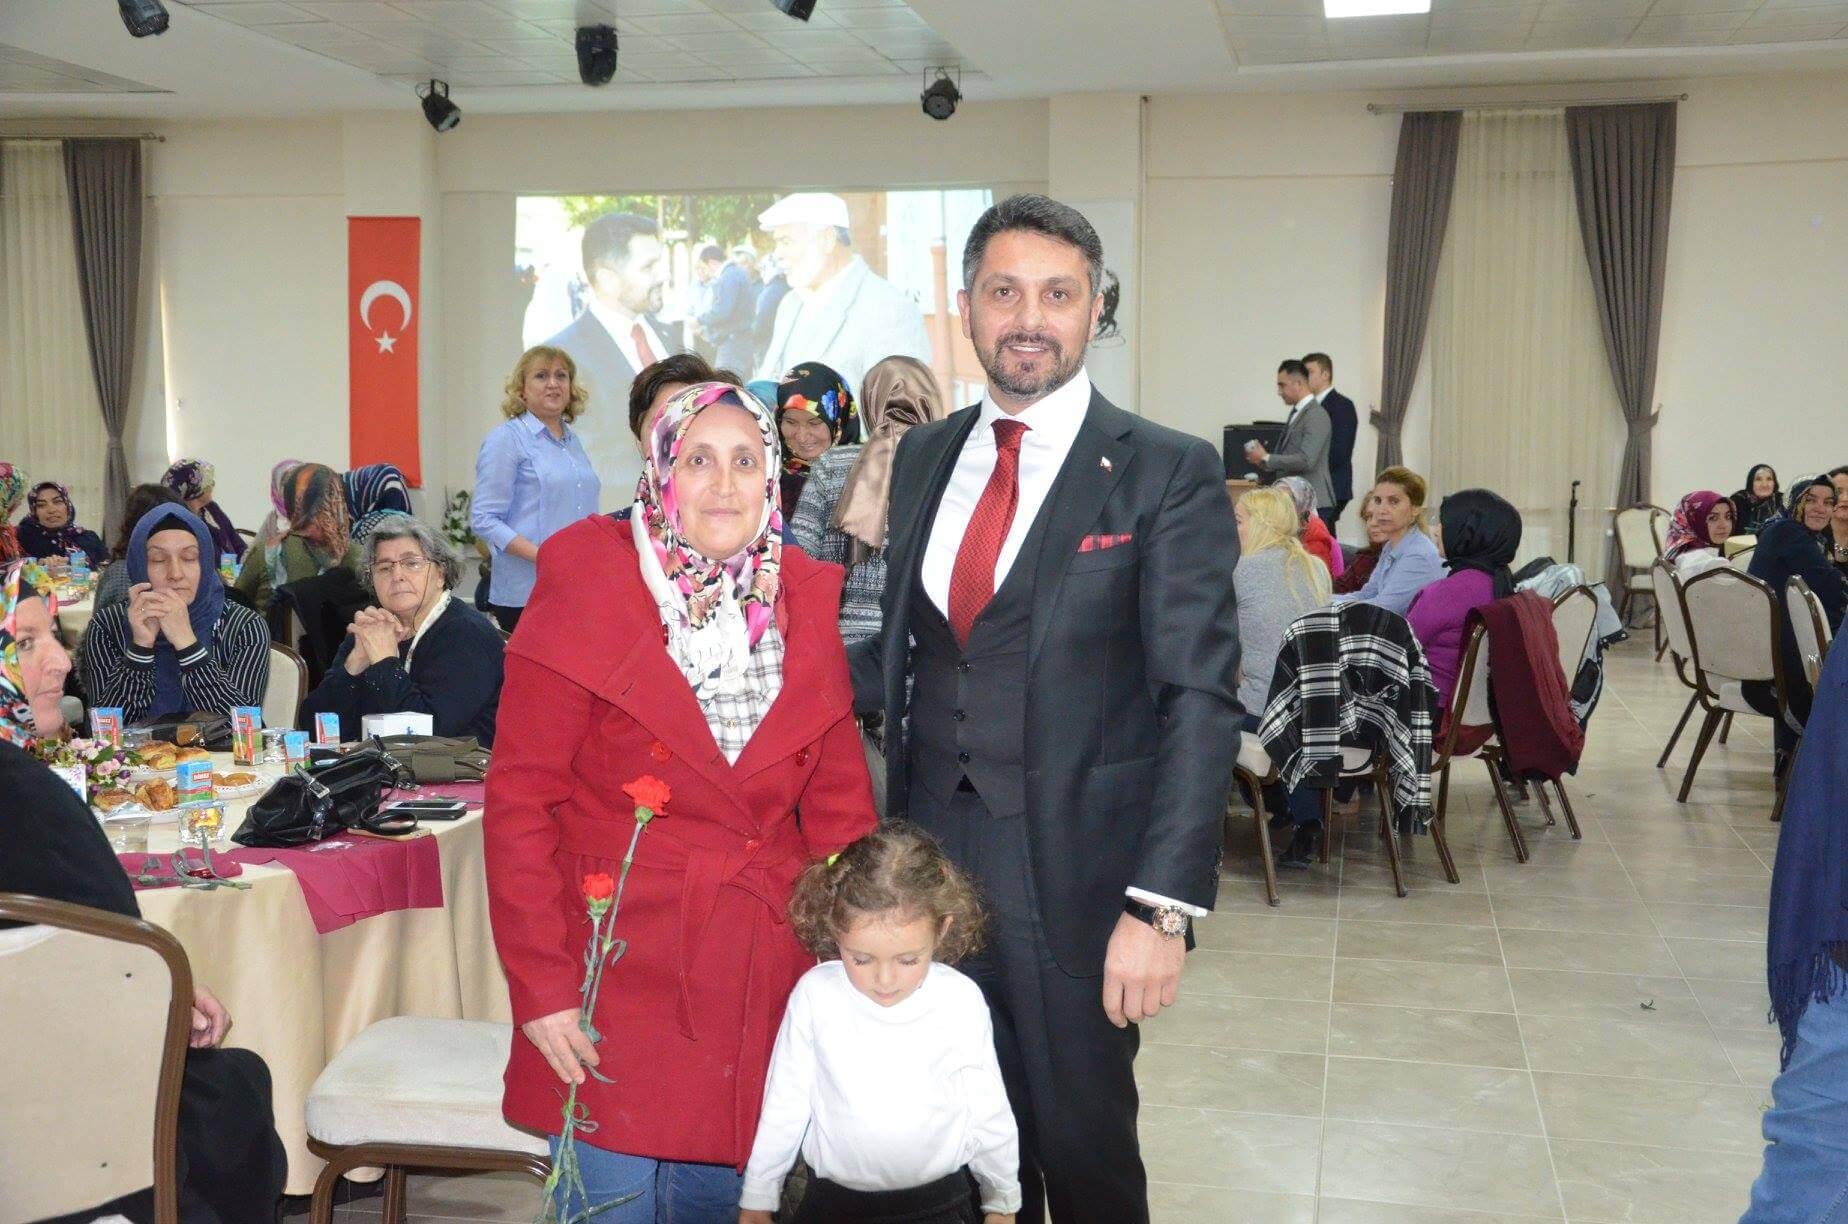 Sivrihisar Belediyesi tarafından 8 Mart Dünya Kadınlar Günü münasebeti ile düzenlenen programda Sivrihisar Belediye Başkanı Hamid Yüzügüllü kadınlar ile biraraya geldi.